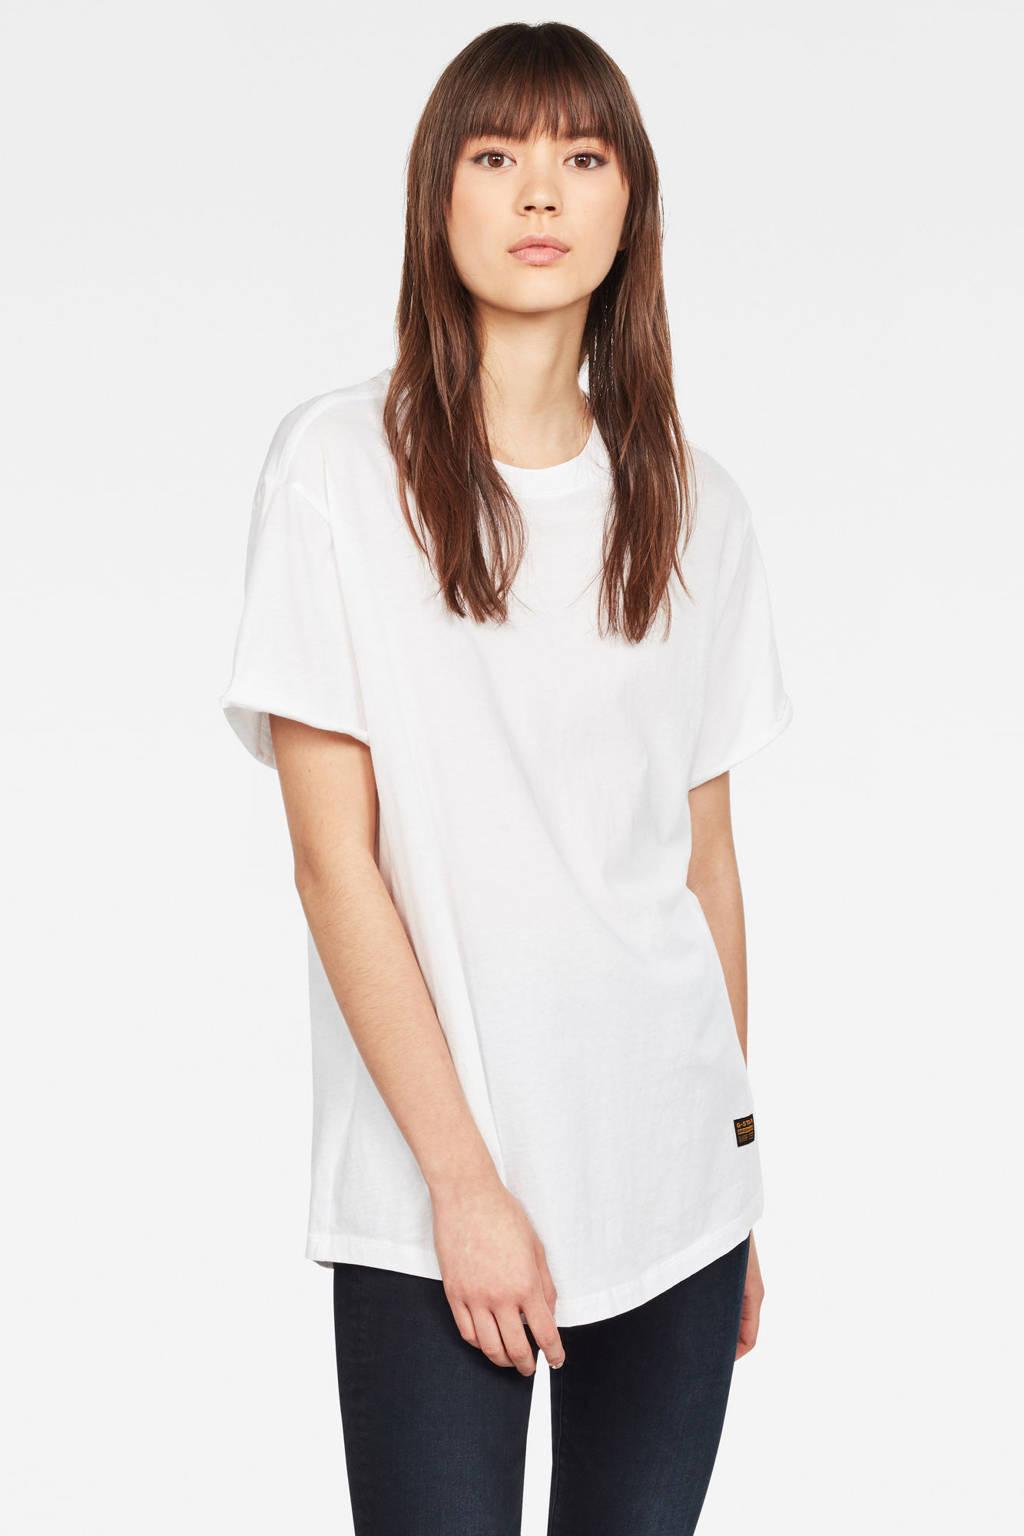 G-Star RAW T-shirt wit, Wit